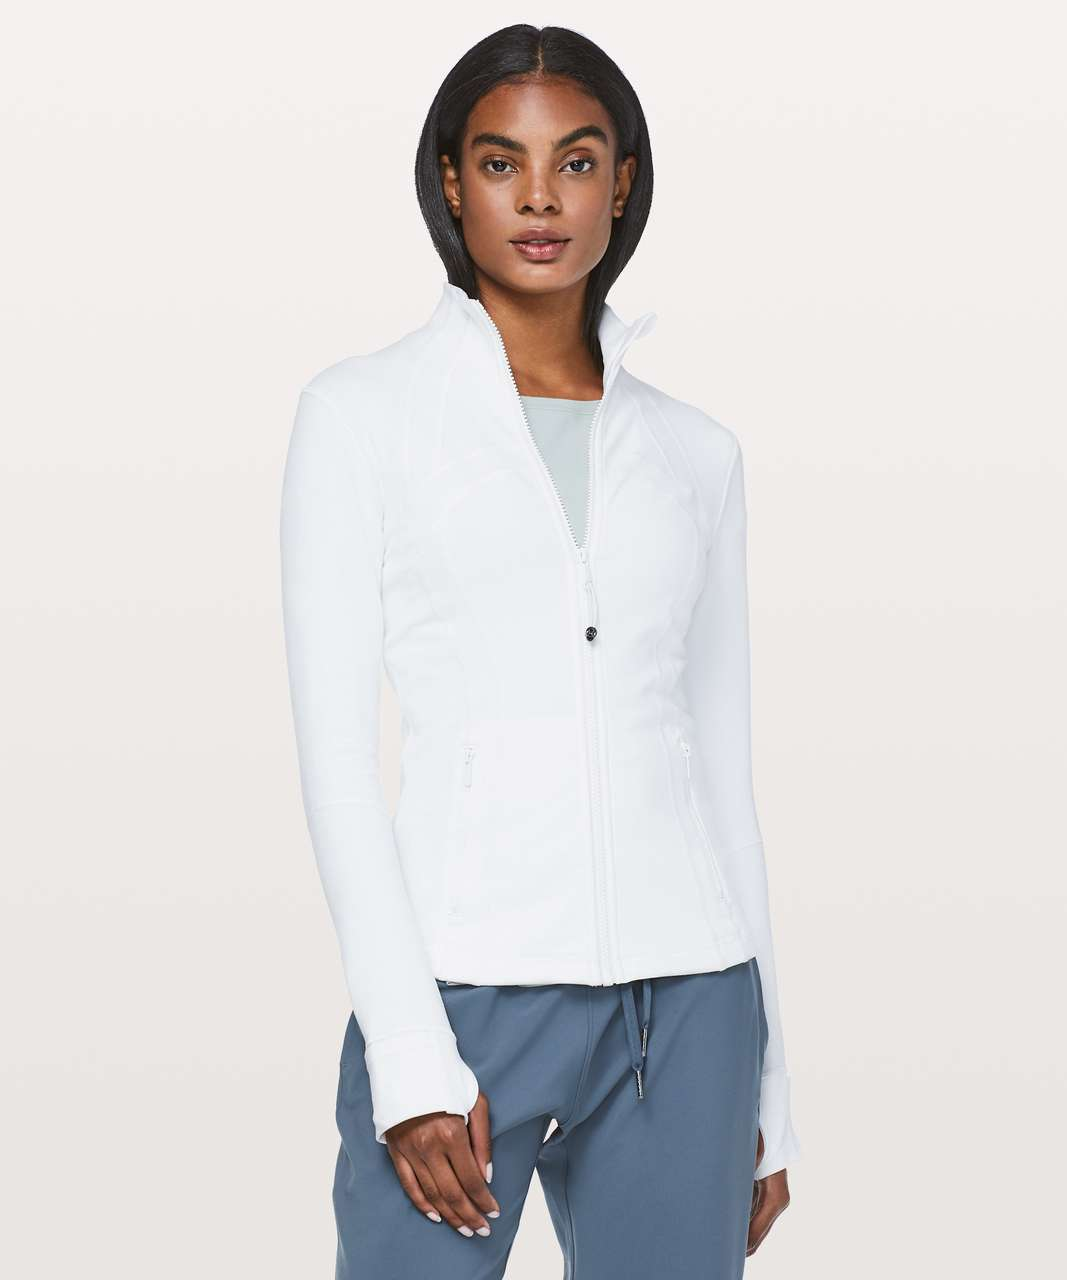 Lululemon Define Jacket - White